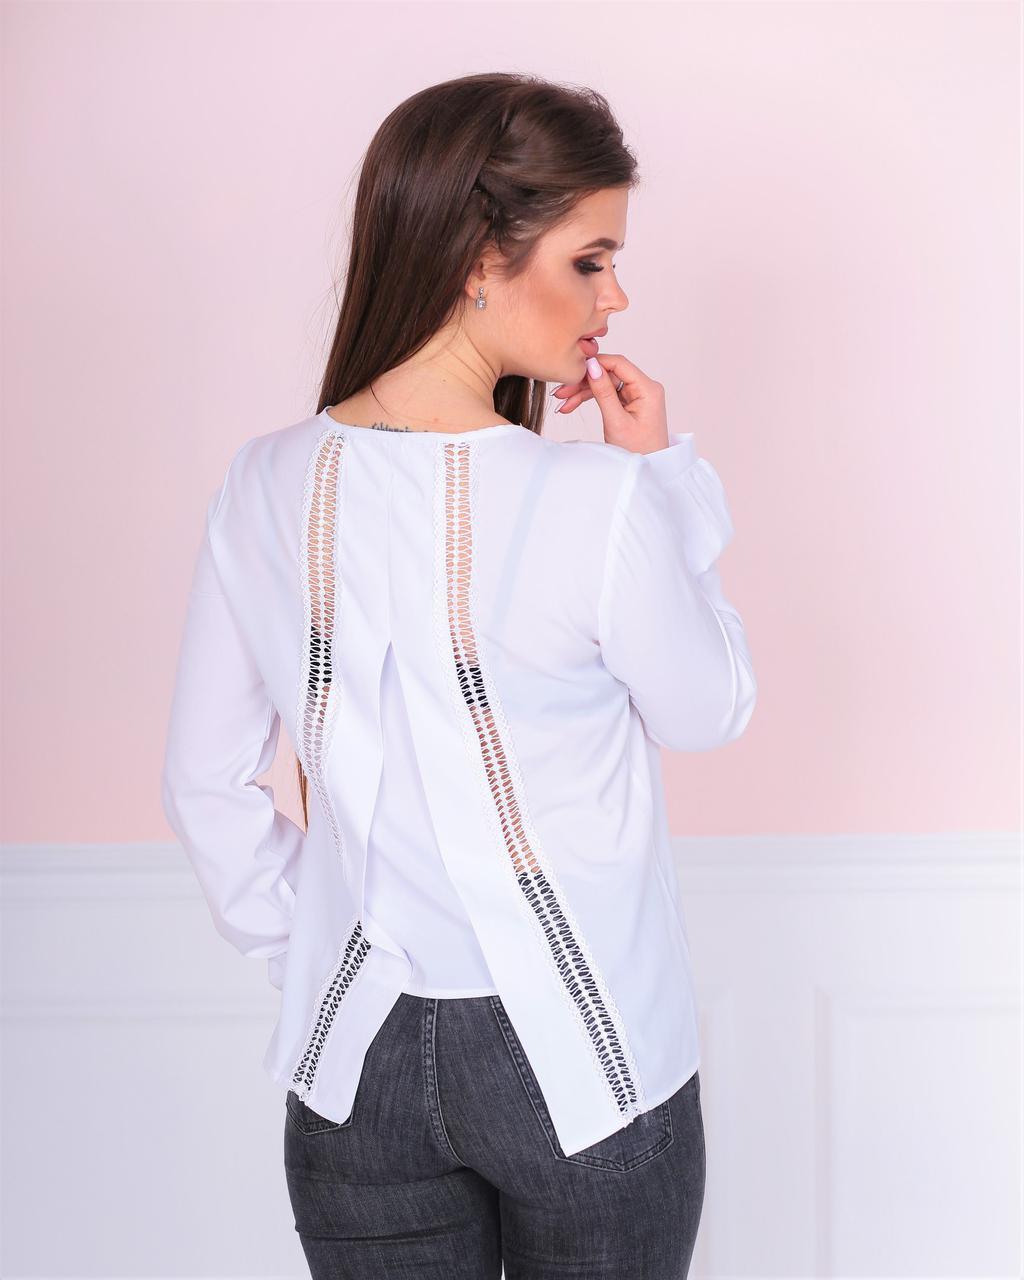 6f4f9f2a9ec Асимметрическая блузка с кружевными вставками - Интернет-магазин одежды